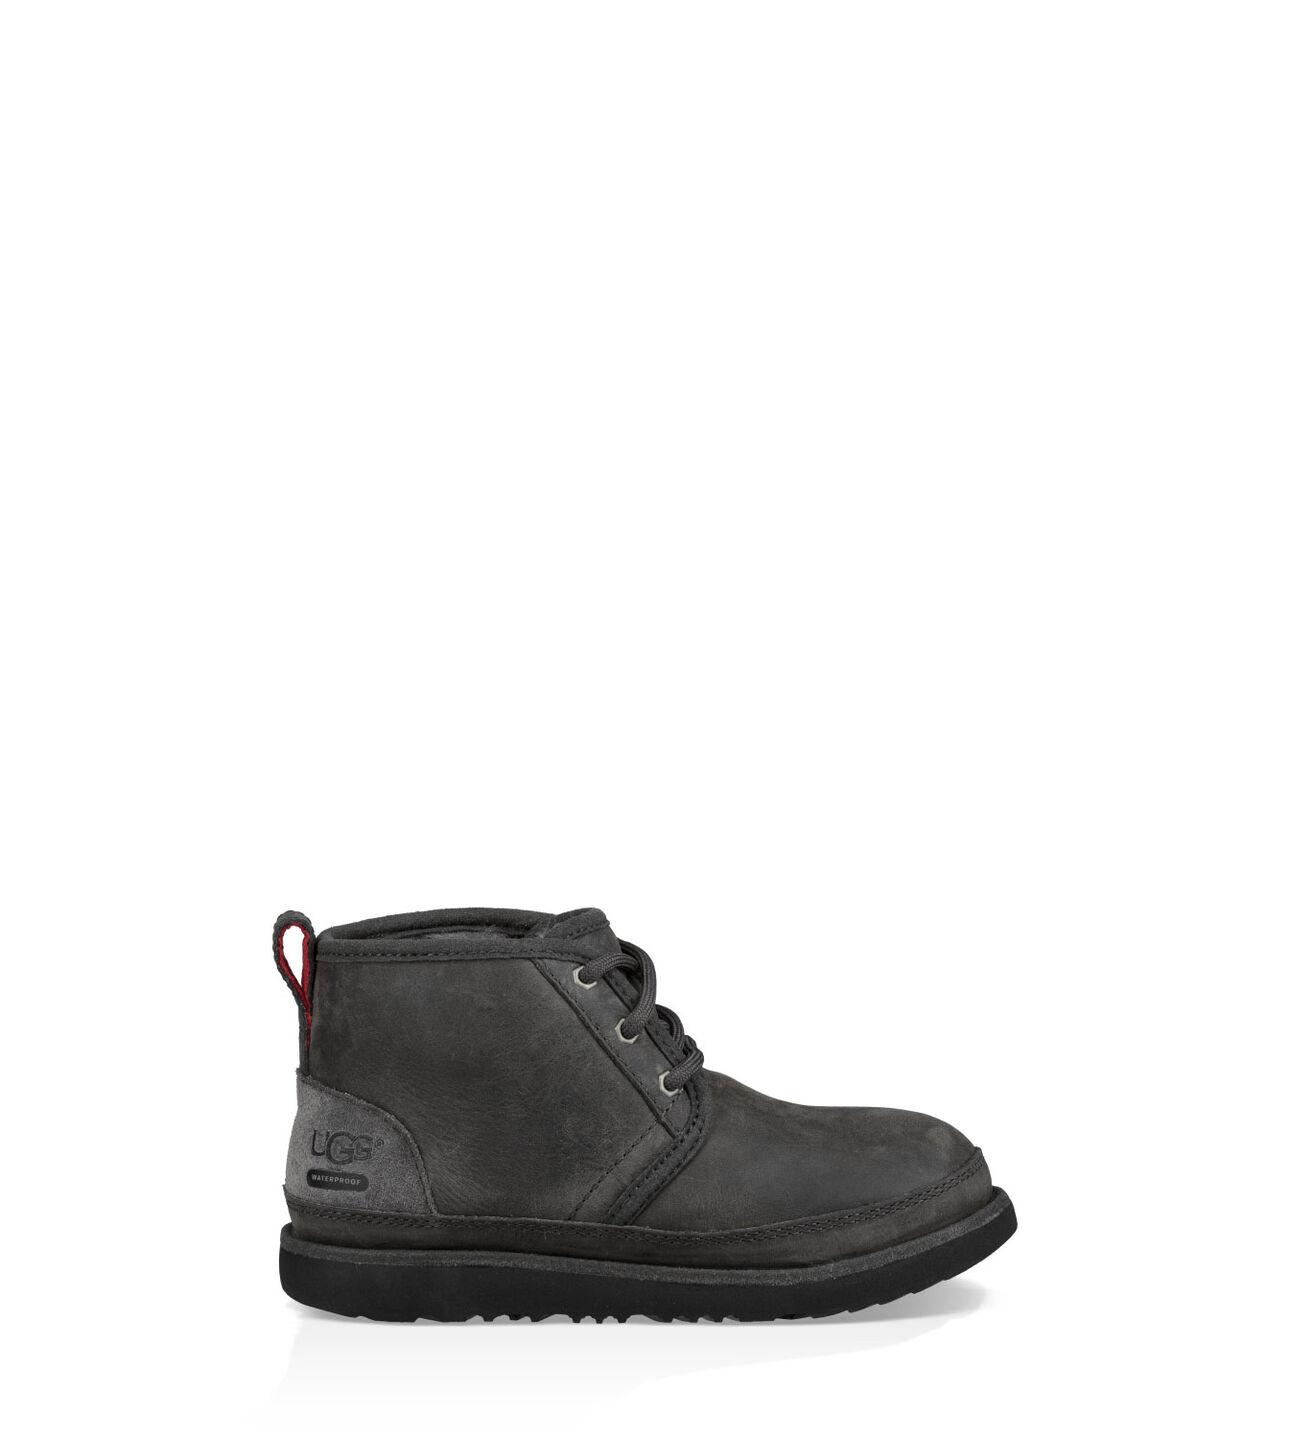 aaae59929553 Neumel II WP Boot